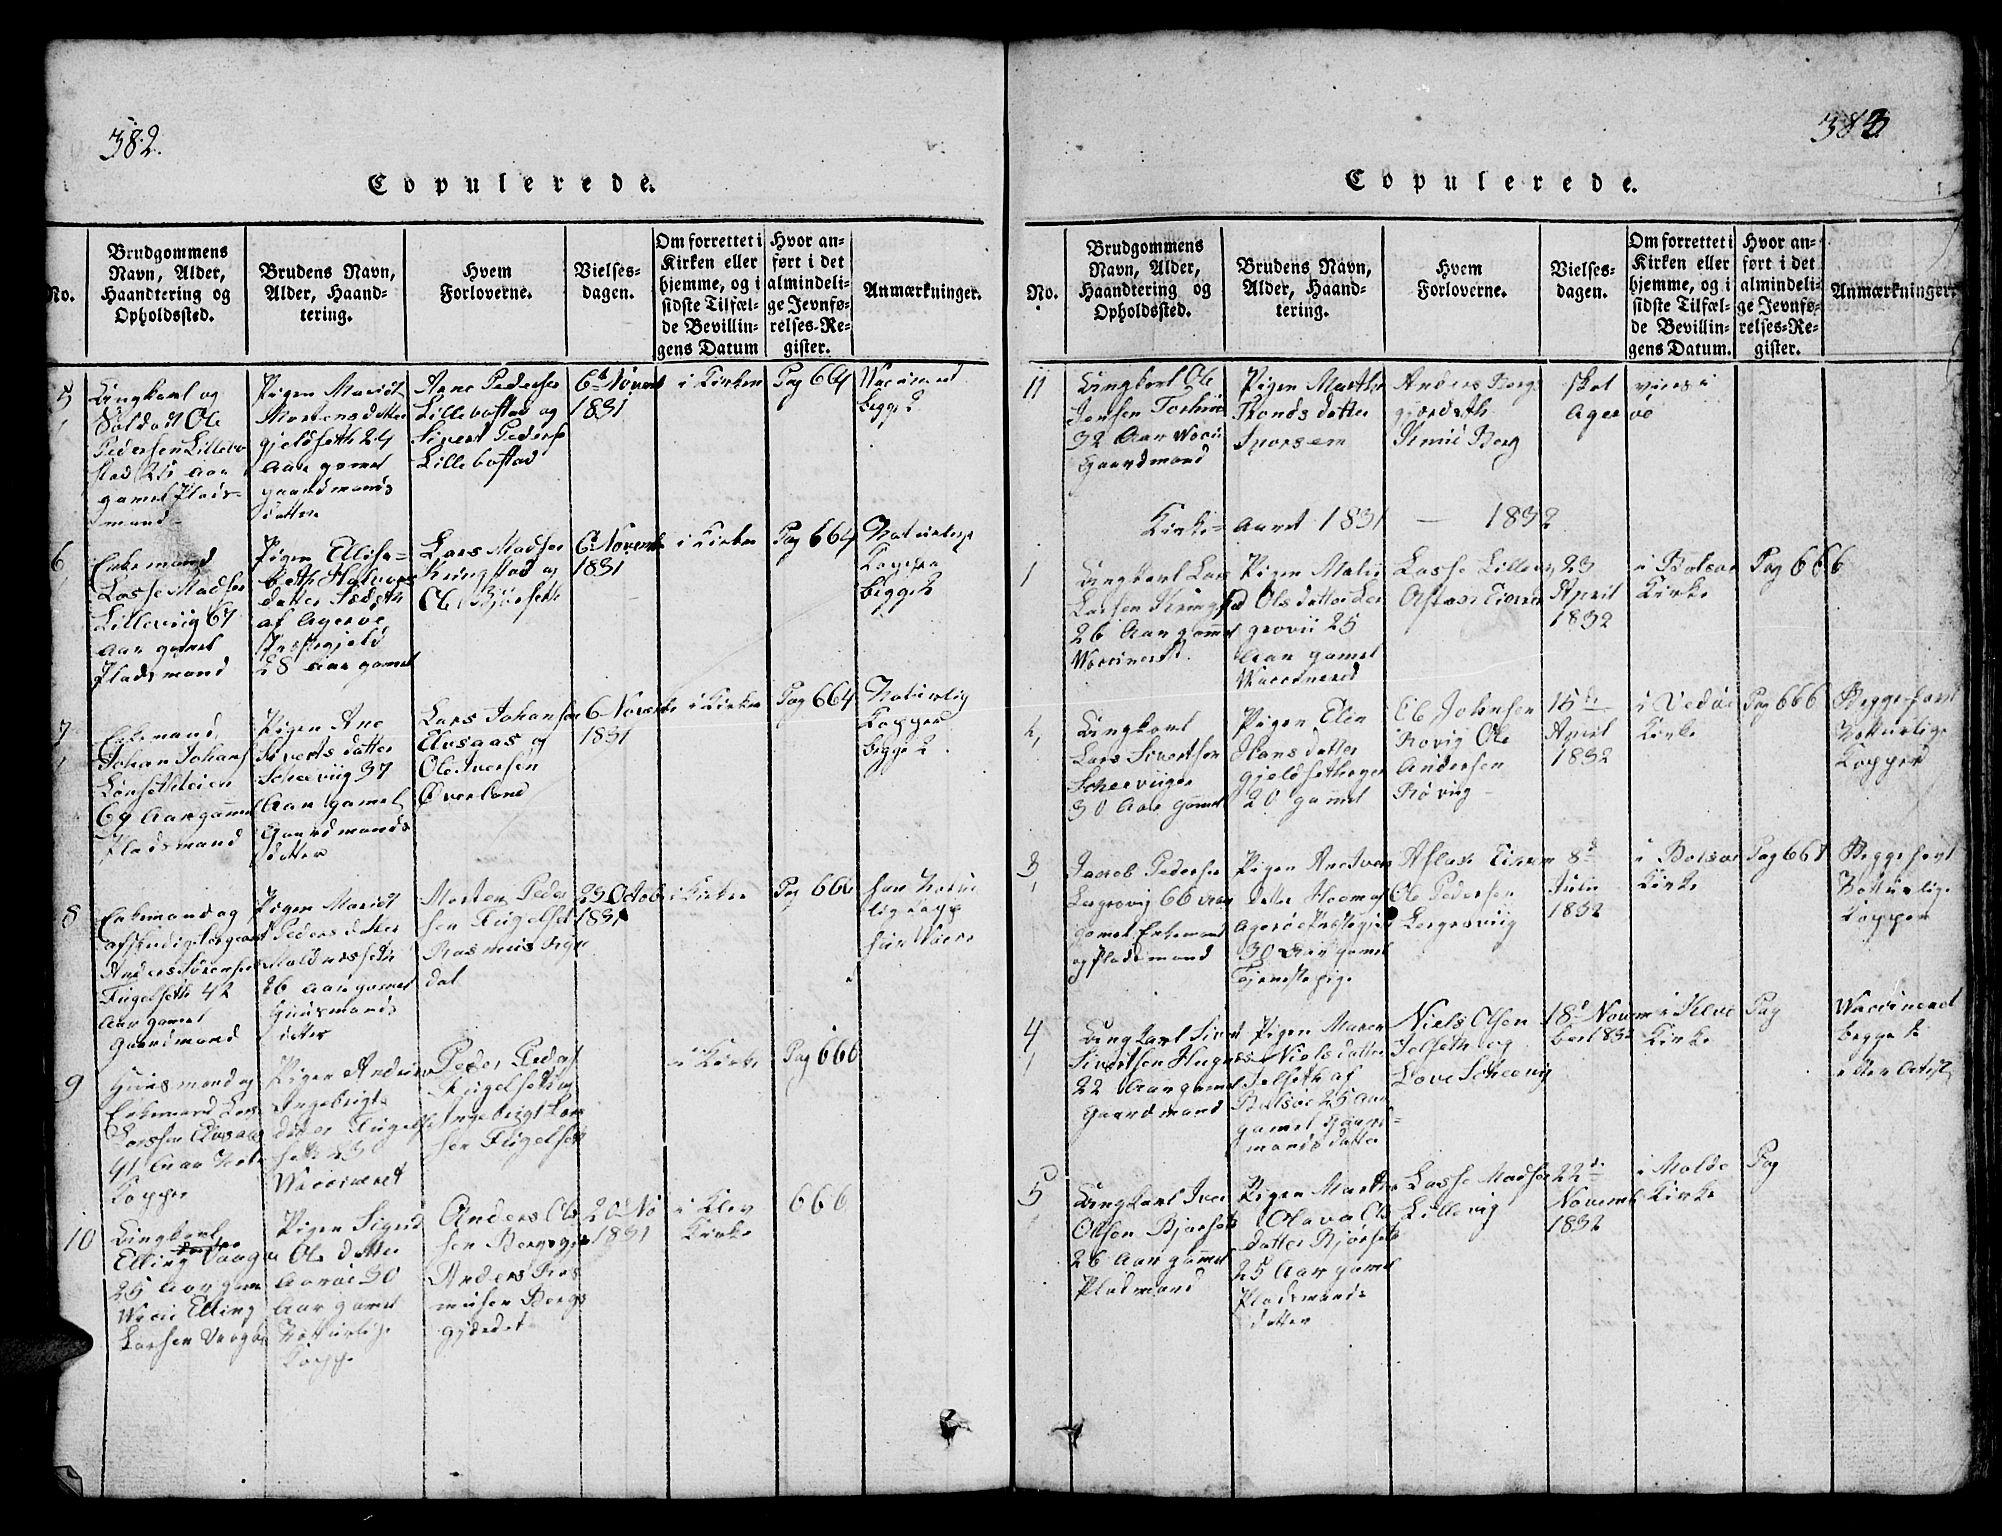 SAT, Ministerialprotokoller, klokkerbøker og fødselsregistre - Møre og Romsdal, 555/L0665: Klokkerbok nr. 555C01, 1818-1868, s. 382-383